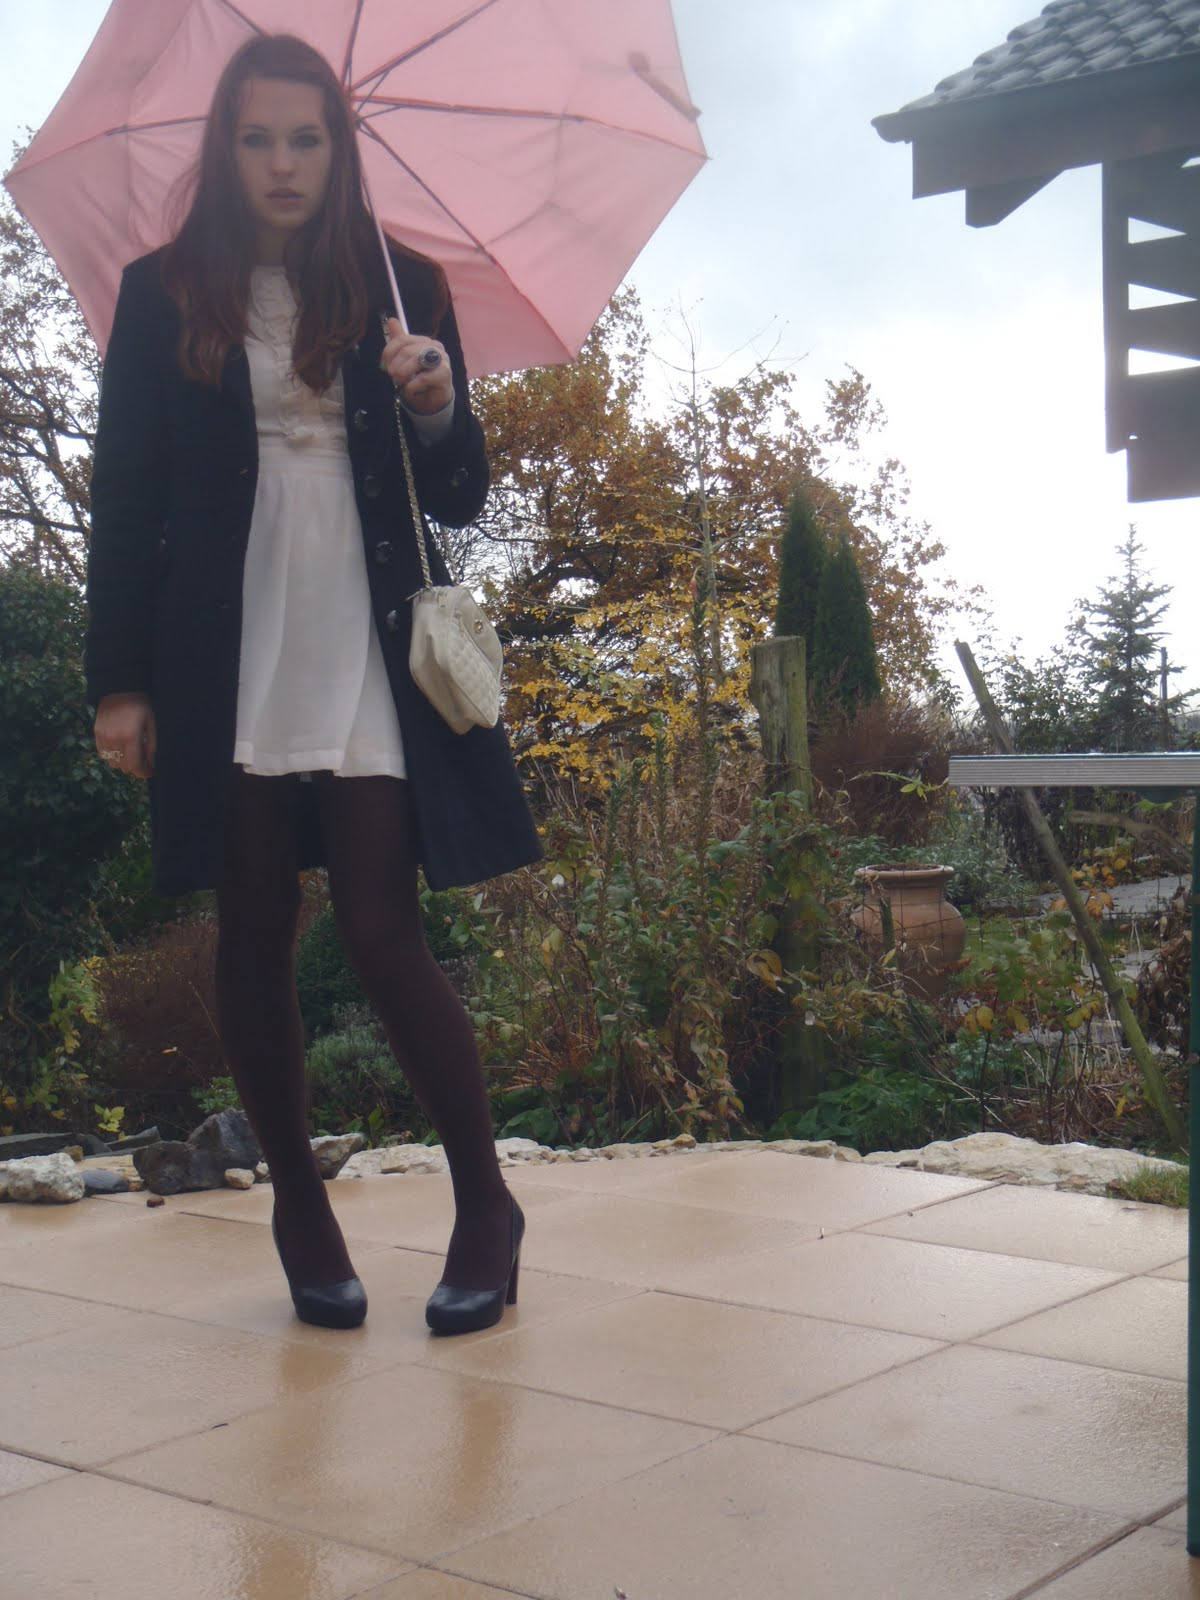 http://4.bp.blogspot.com/_VwqMaVOLOGQ/TR3jIxGpOsI/AAAAAAAACAo/cnqYcR31Y-M/s1600/umbrella%2B017.JPG